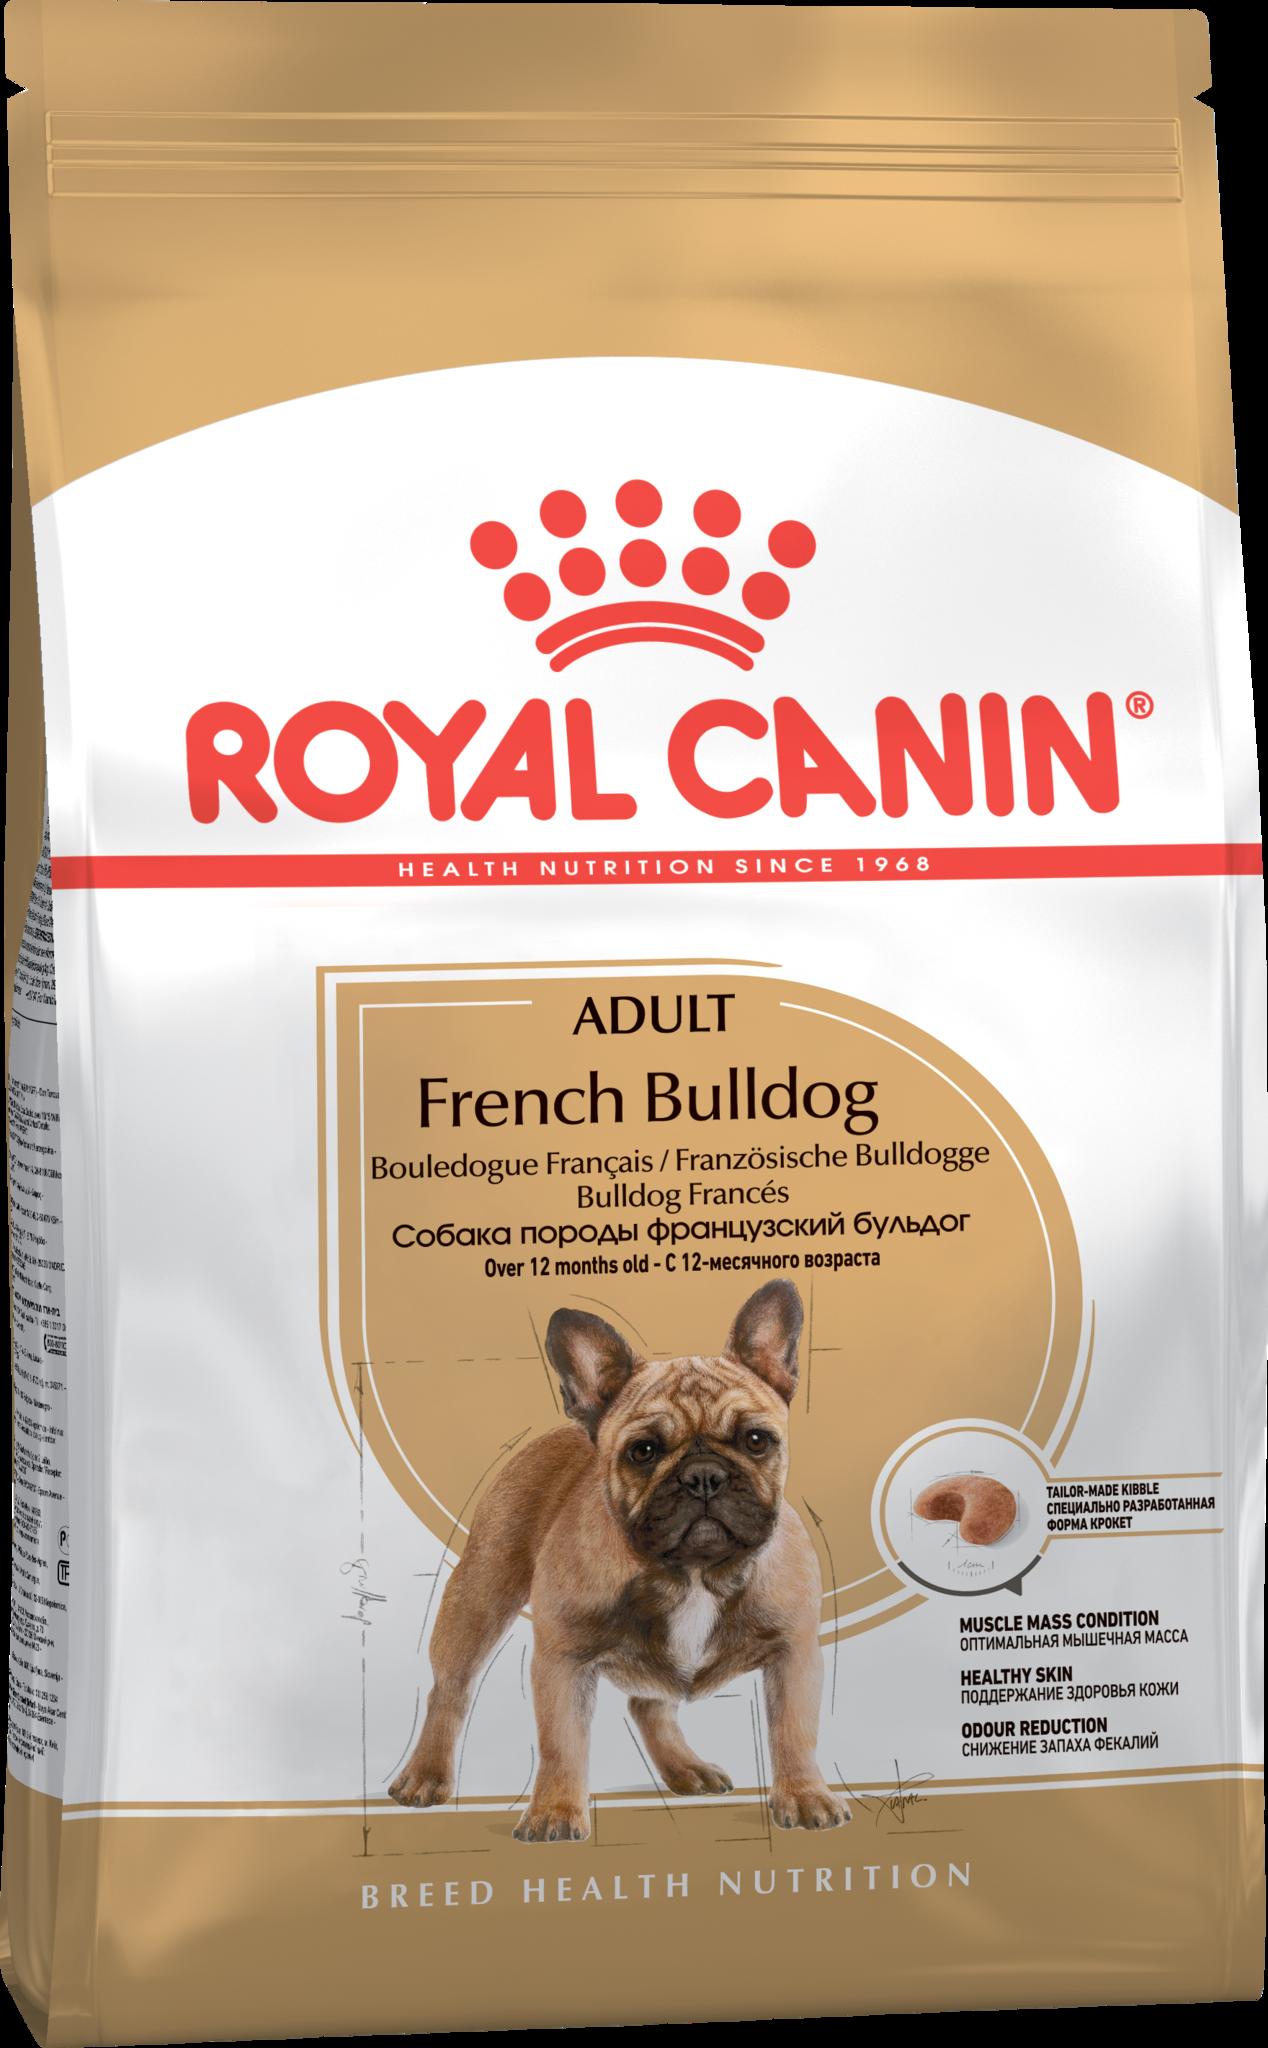 Royal Canin Корм для взрослых собак породы французский бульдог, Royal Canin French Bulldog Adult 182130.png